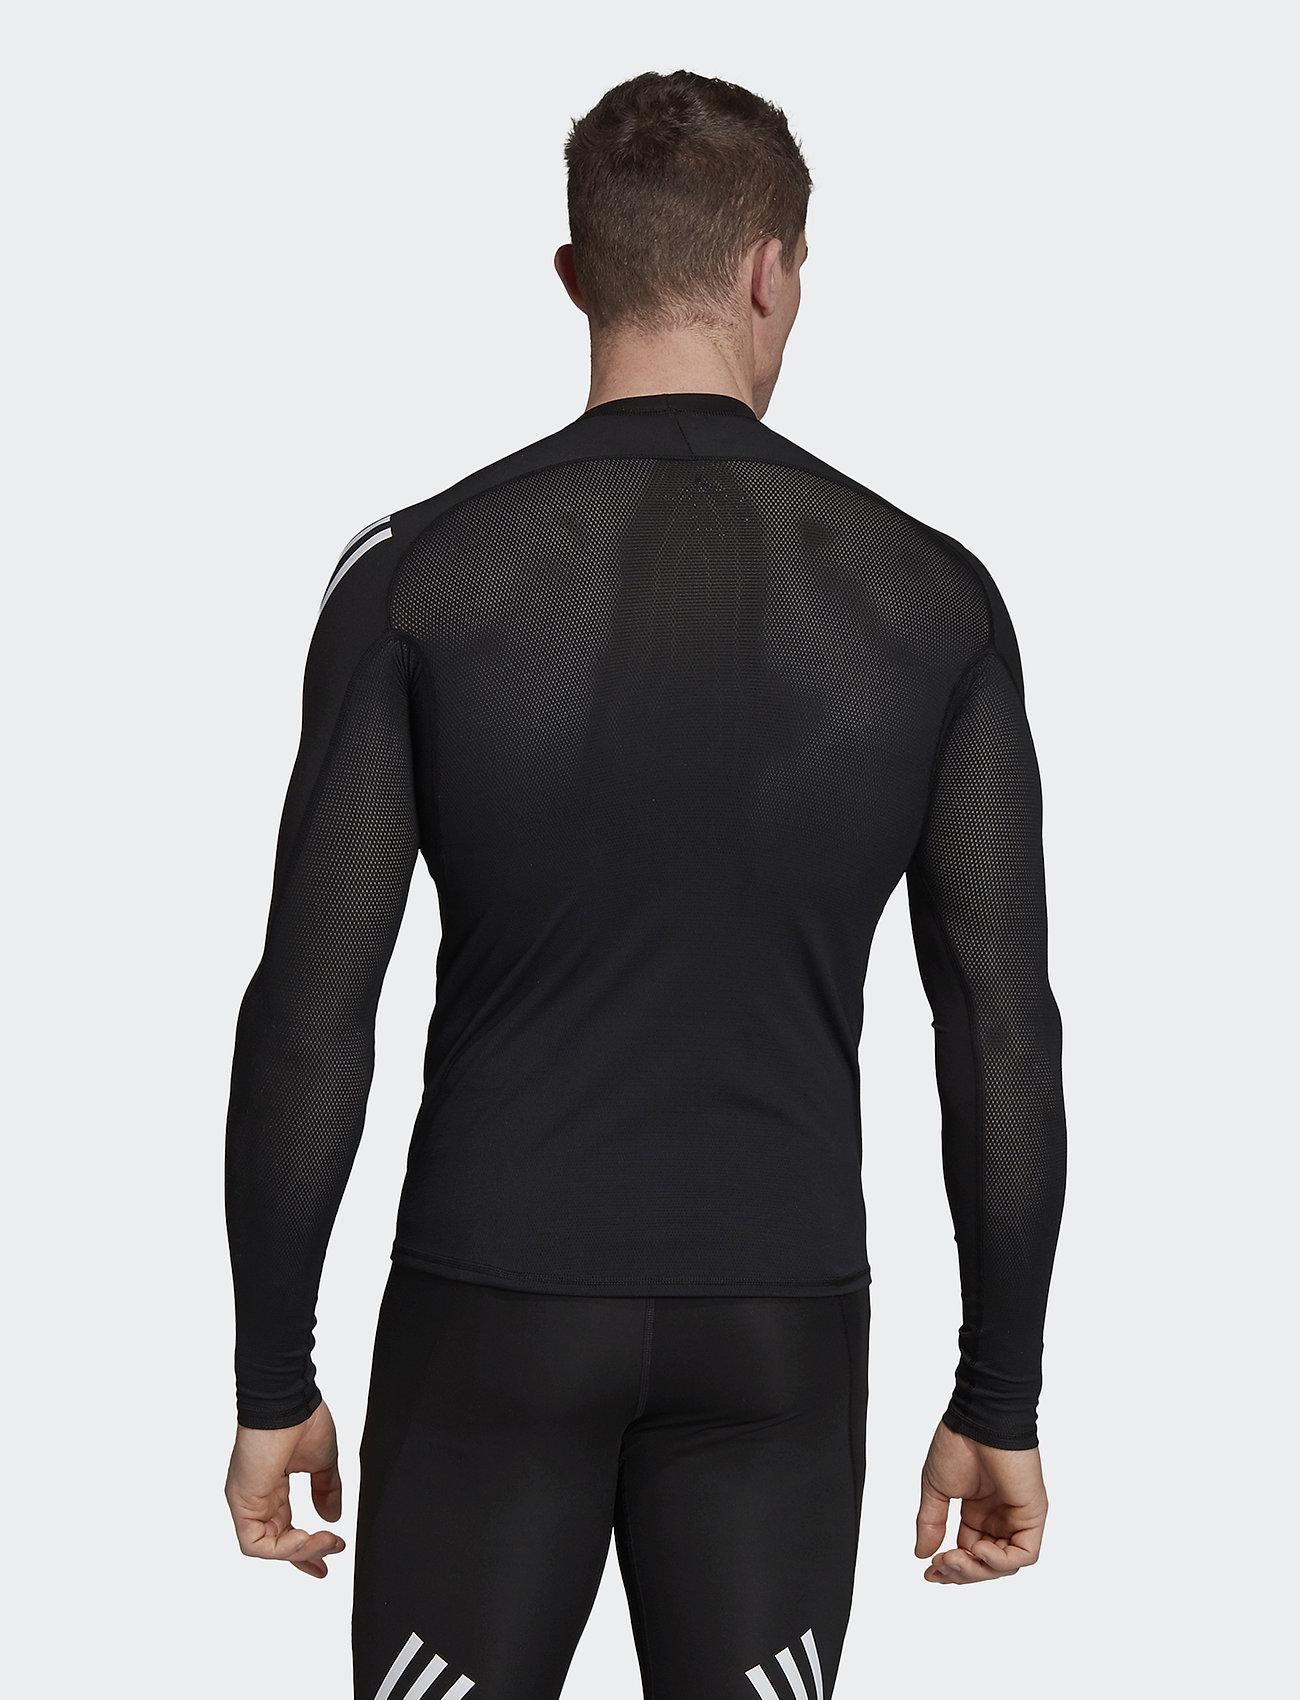 adidas Performance ASK SPR LS 3S - T-skjorter BLACK - Menn Klær